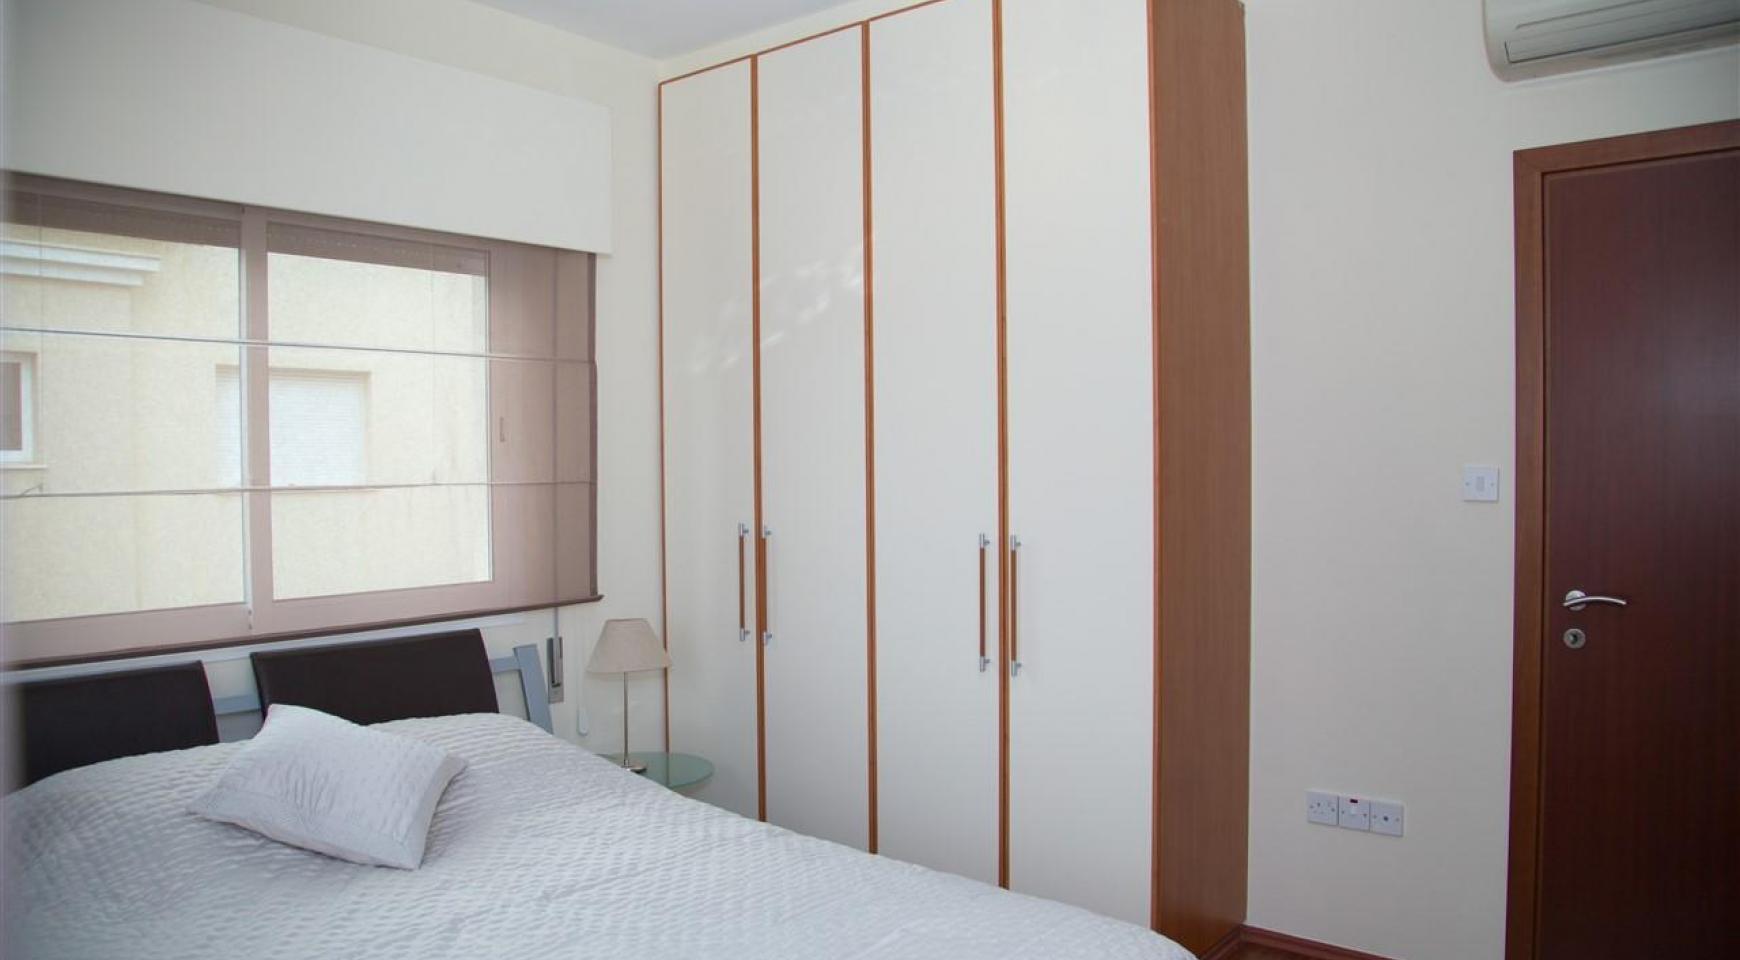 """2-Спальная Квартира - Люкс """"Mesogios Iris 304"""" в Туристической Зоне возле Моря - 16"""